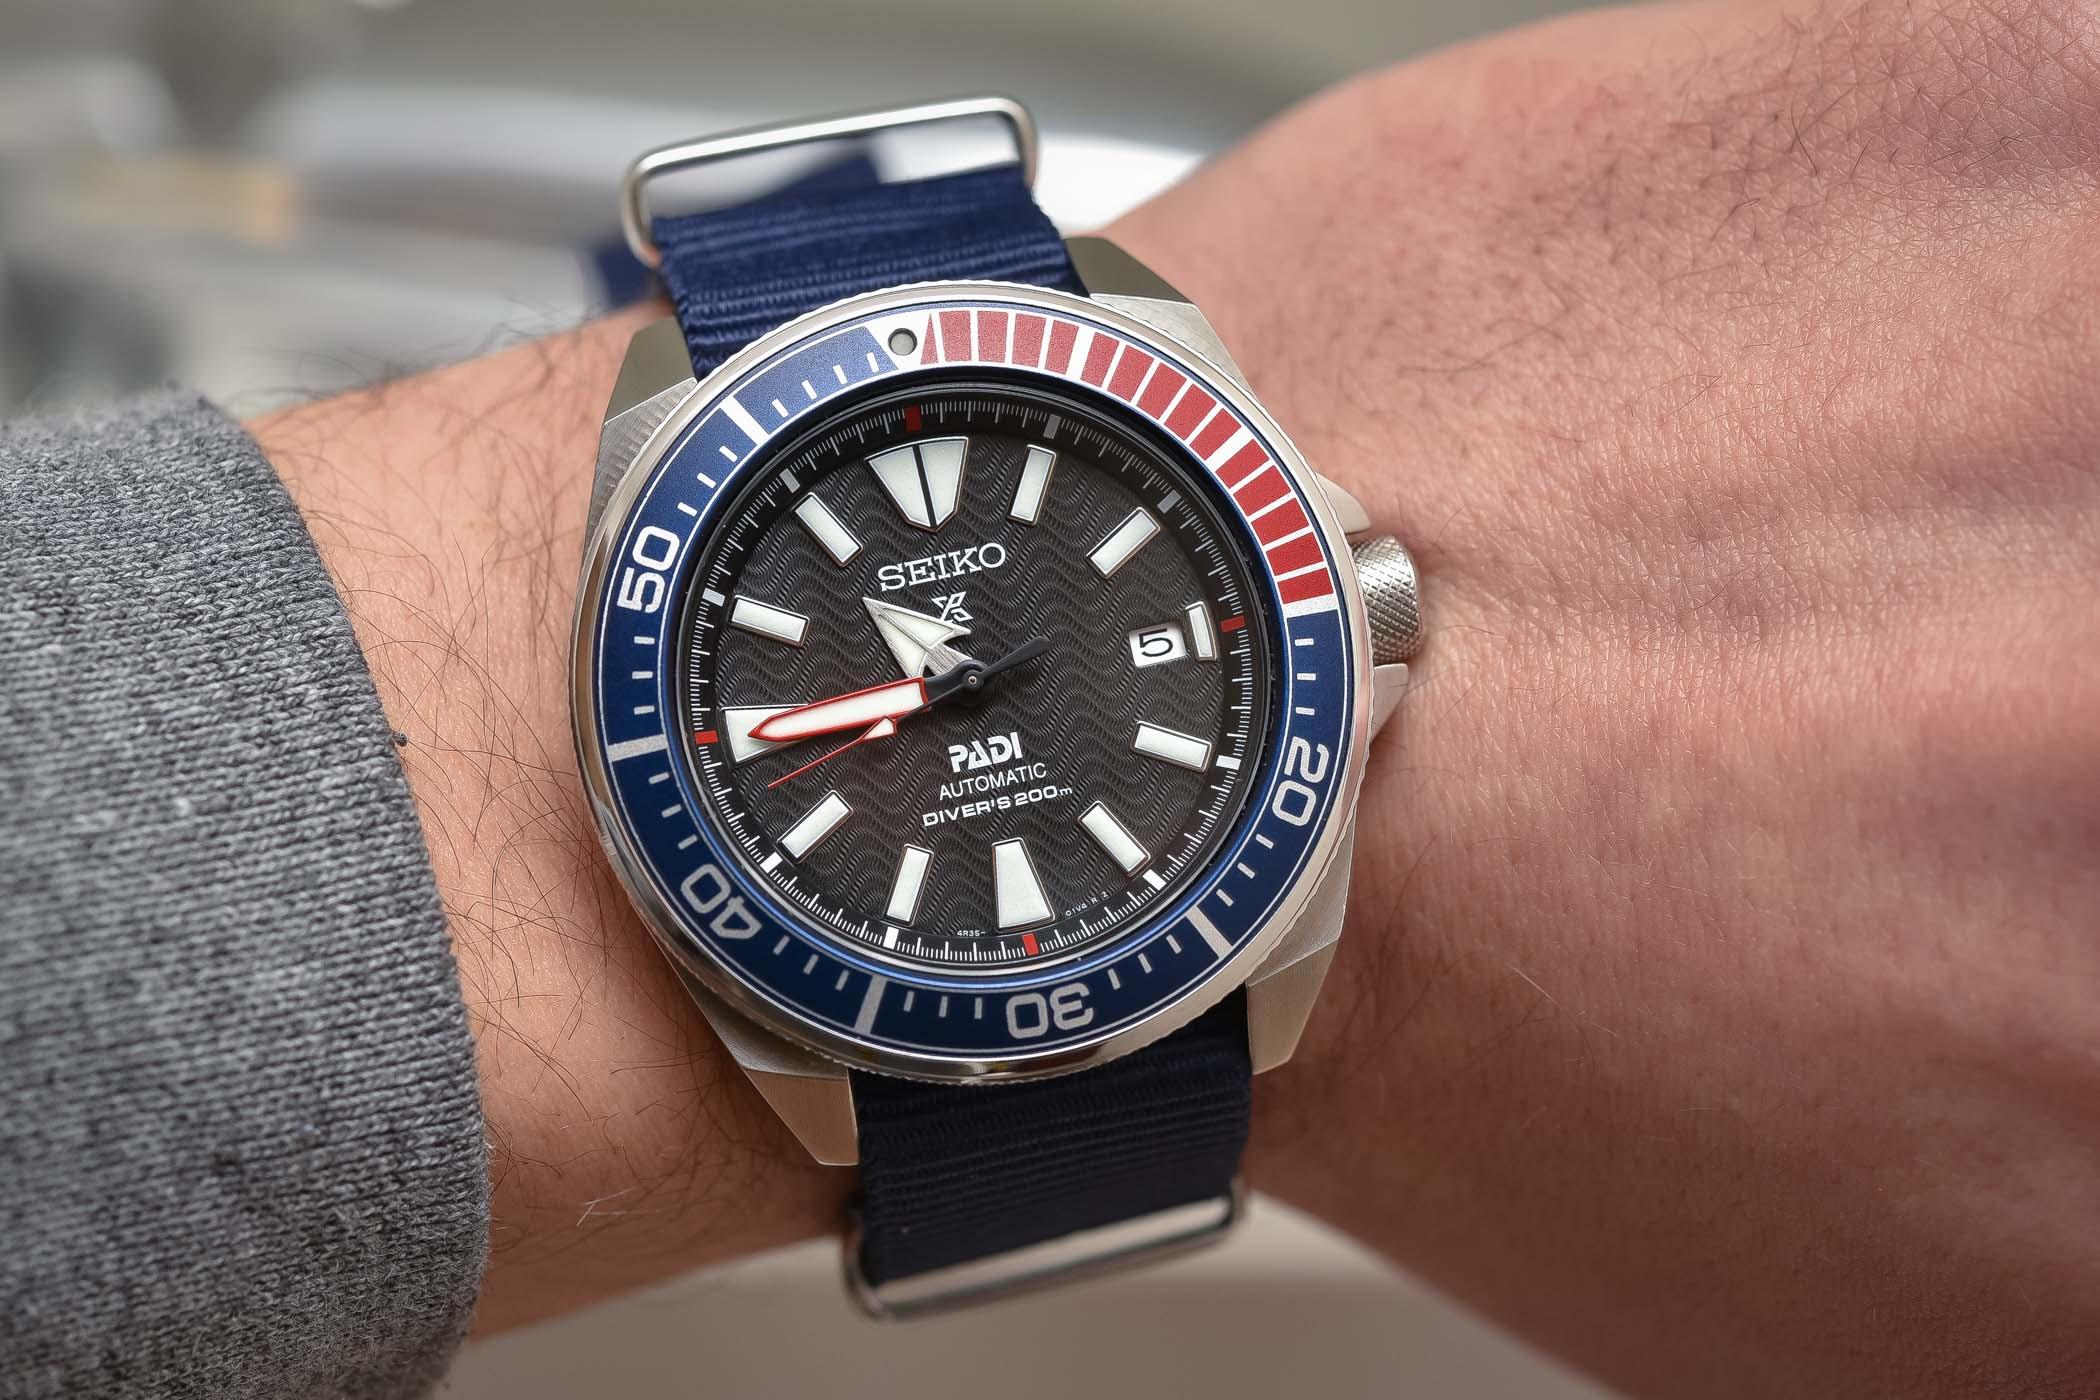 Seiko Prospex Automatic Diver Padi Samurai SRPB99J1 - 2 - Monochrome ... 53138e1547